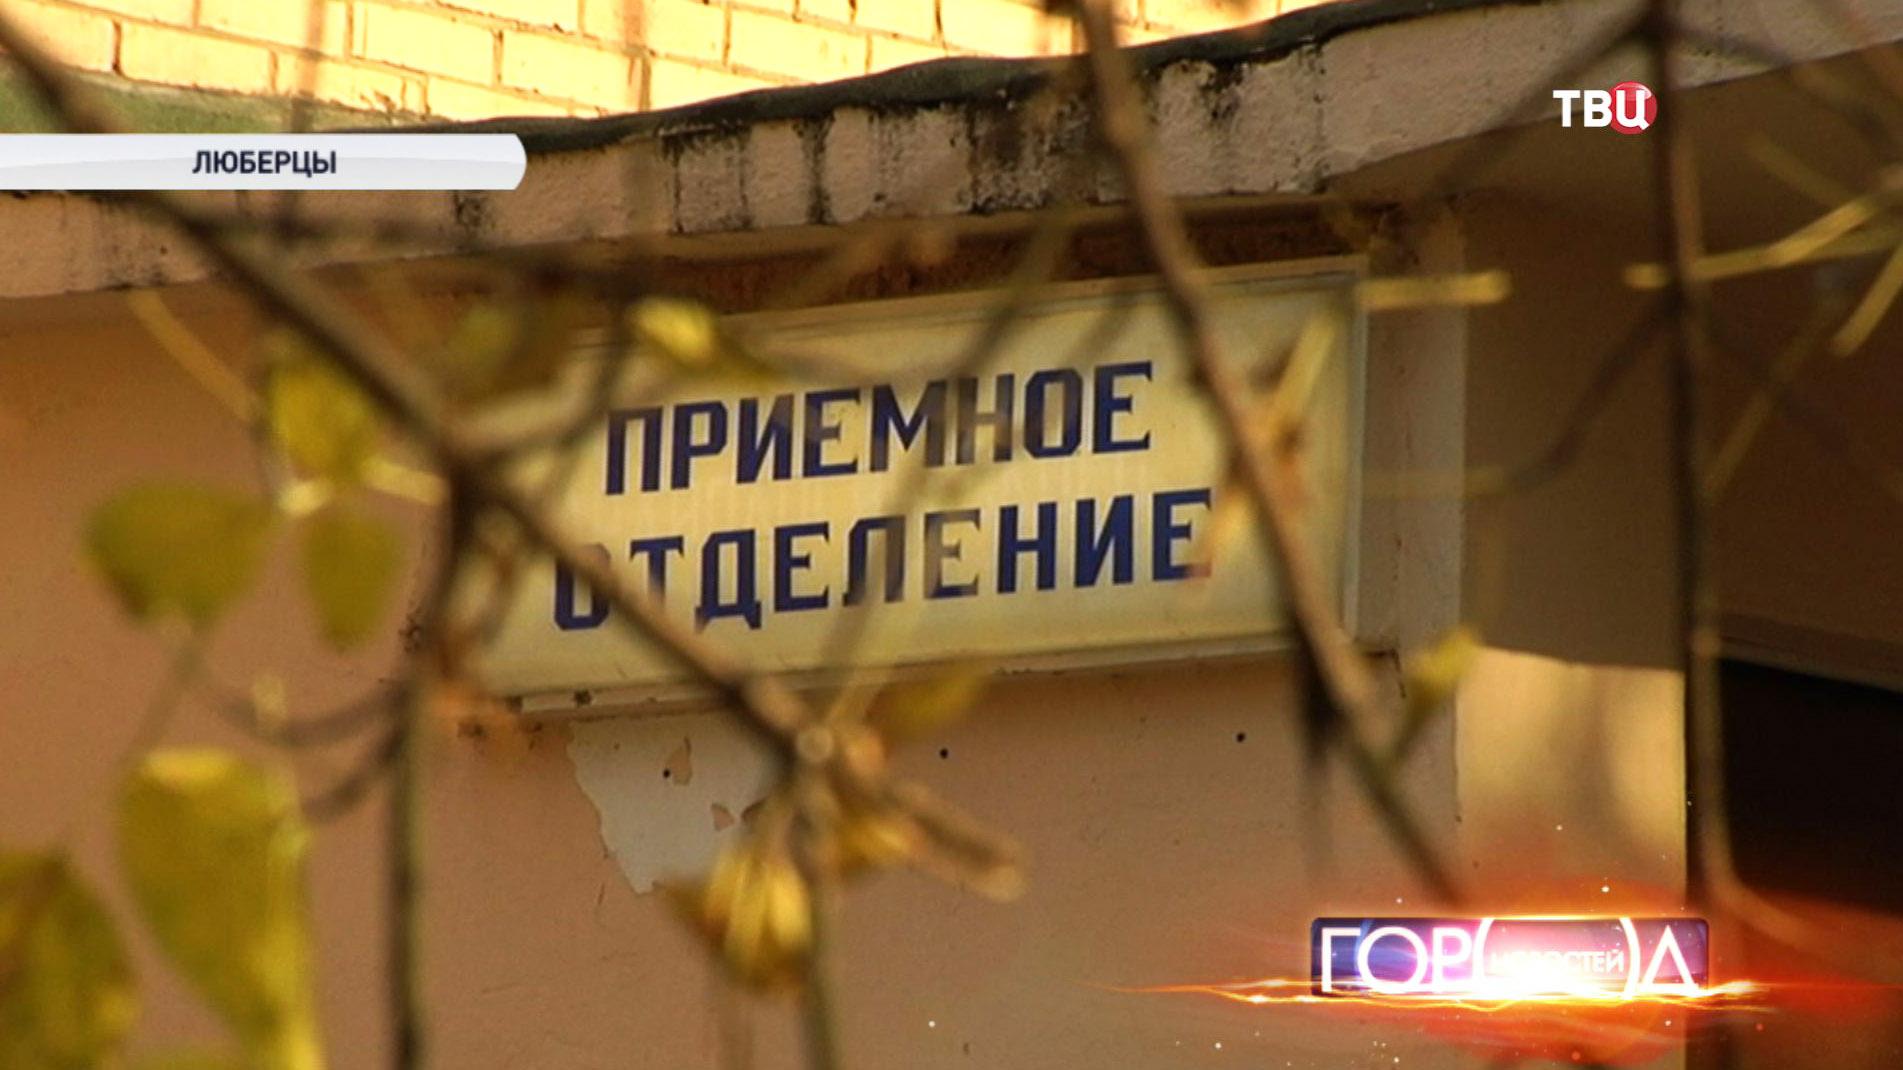 Приёмное отделение в Люберецкой больнице